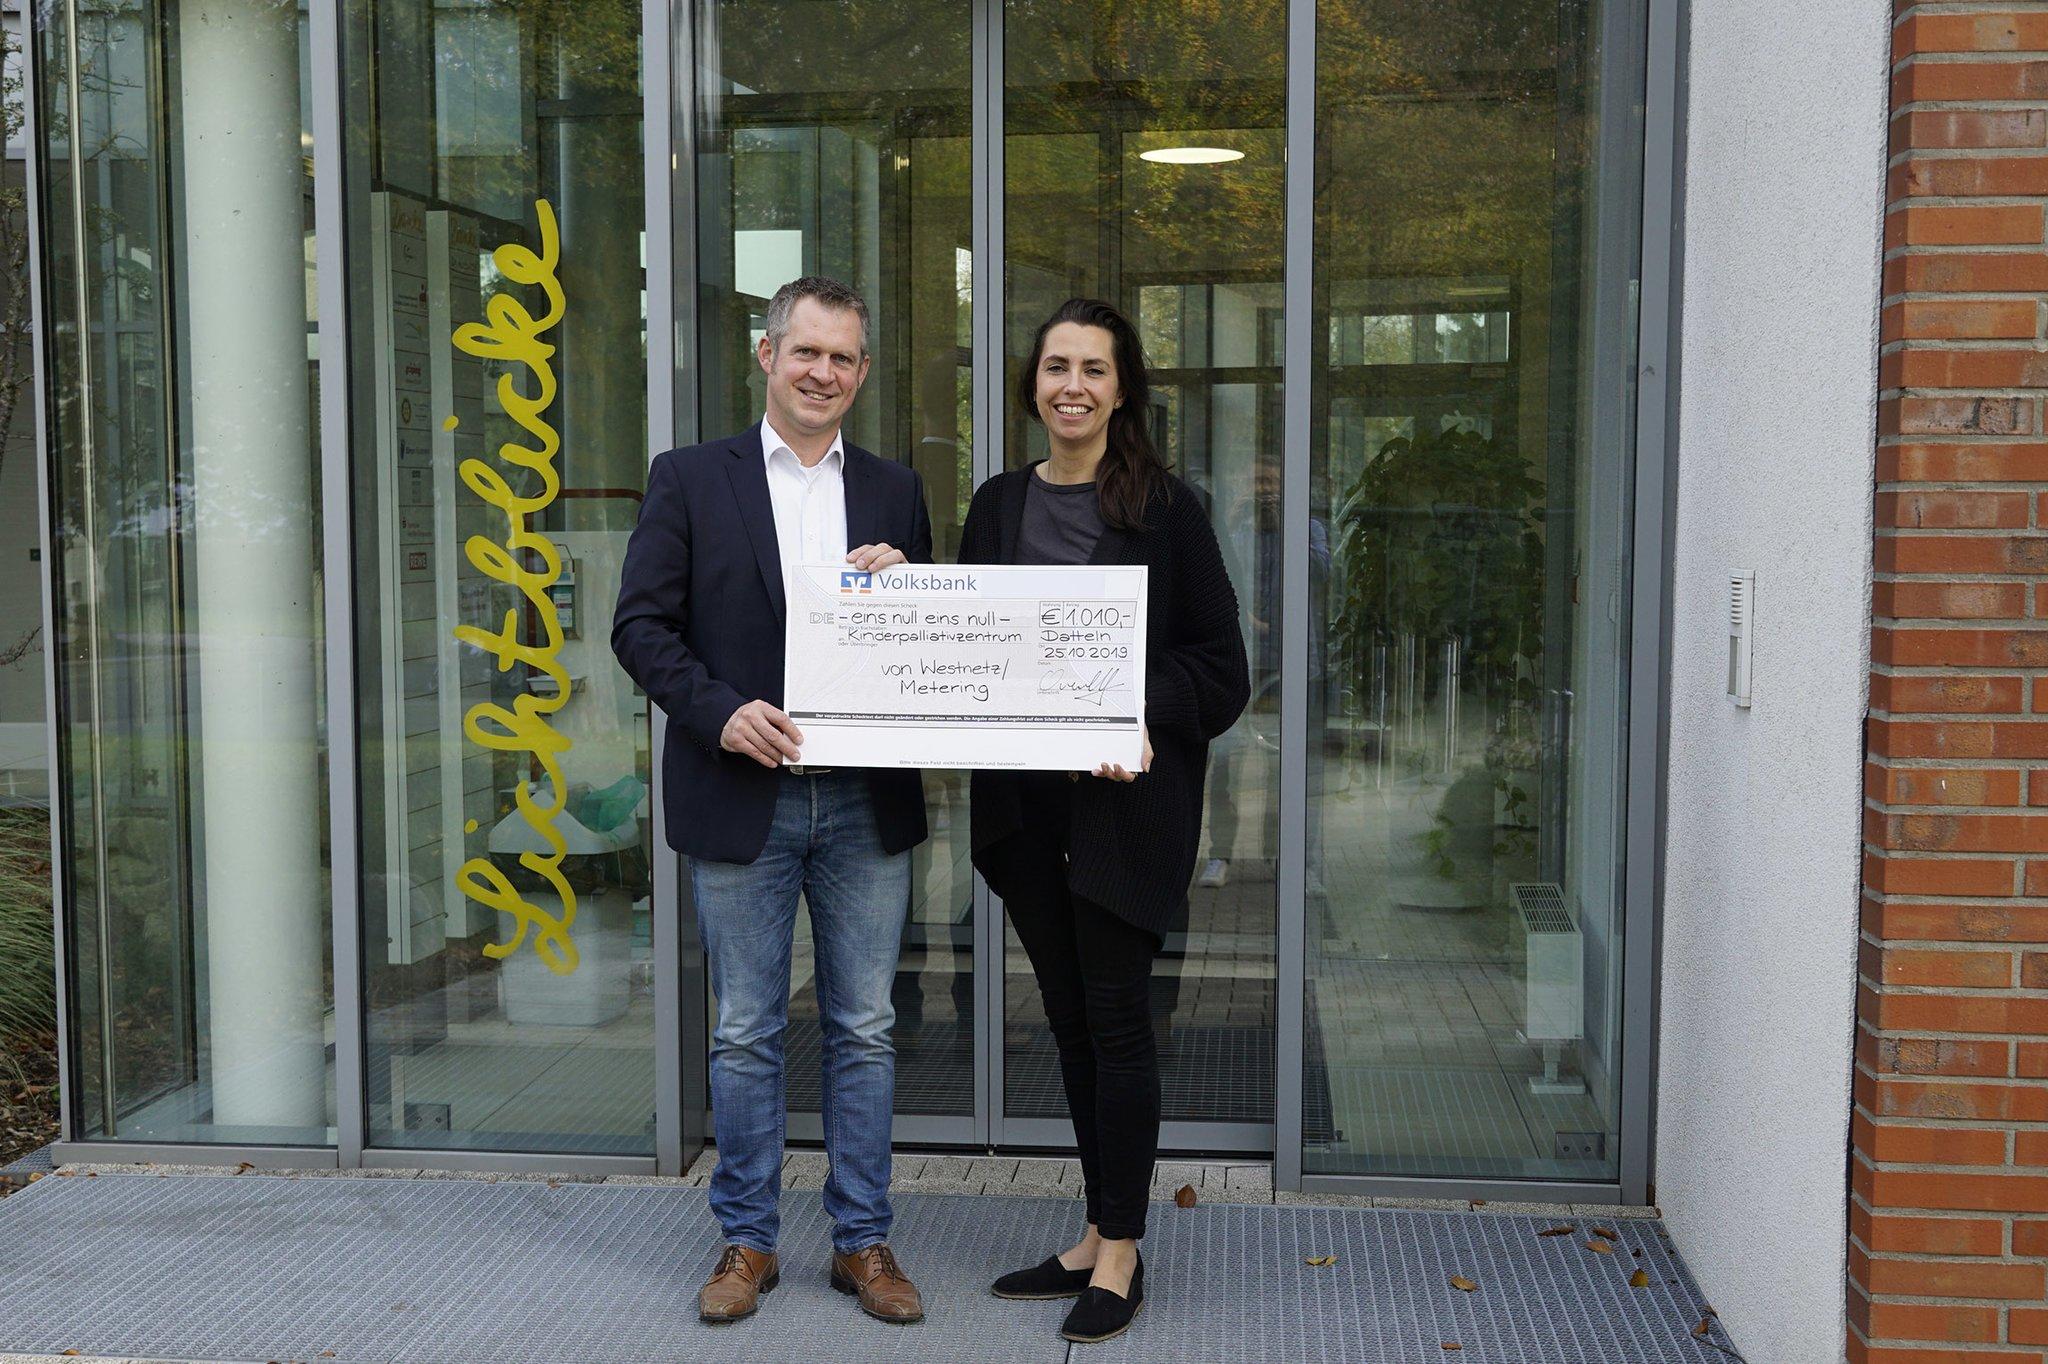 Westnetz-Mitarbeiter spenden an Kinderpalliativzentrum in Datteln: Datteln: 1010 Euro für Kinderklinik - Datt - Lokalkompass.de